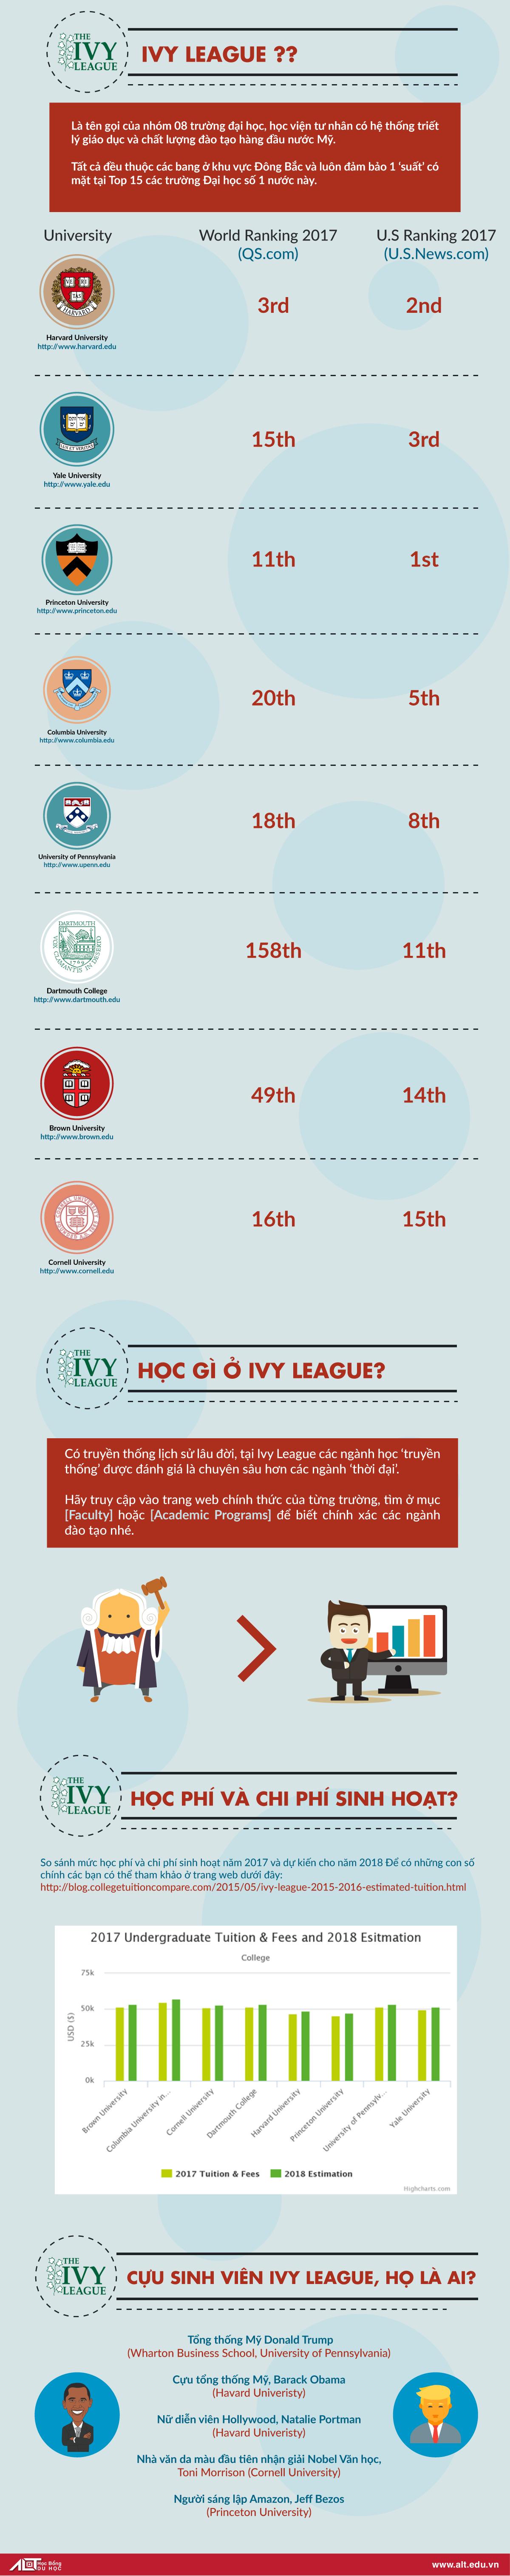 IVY LEAGUE – TOP CÁC TRƯỜNG ĐẠI HỌC